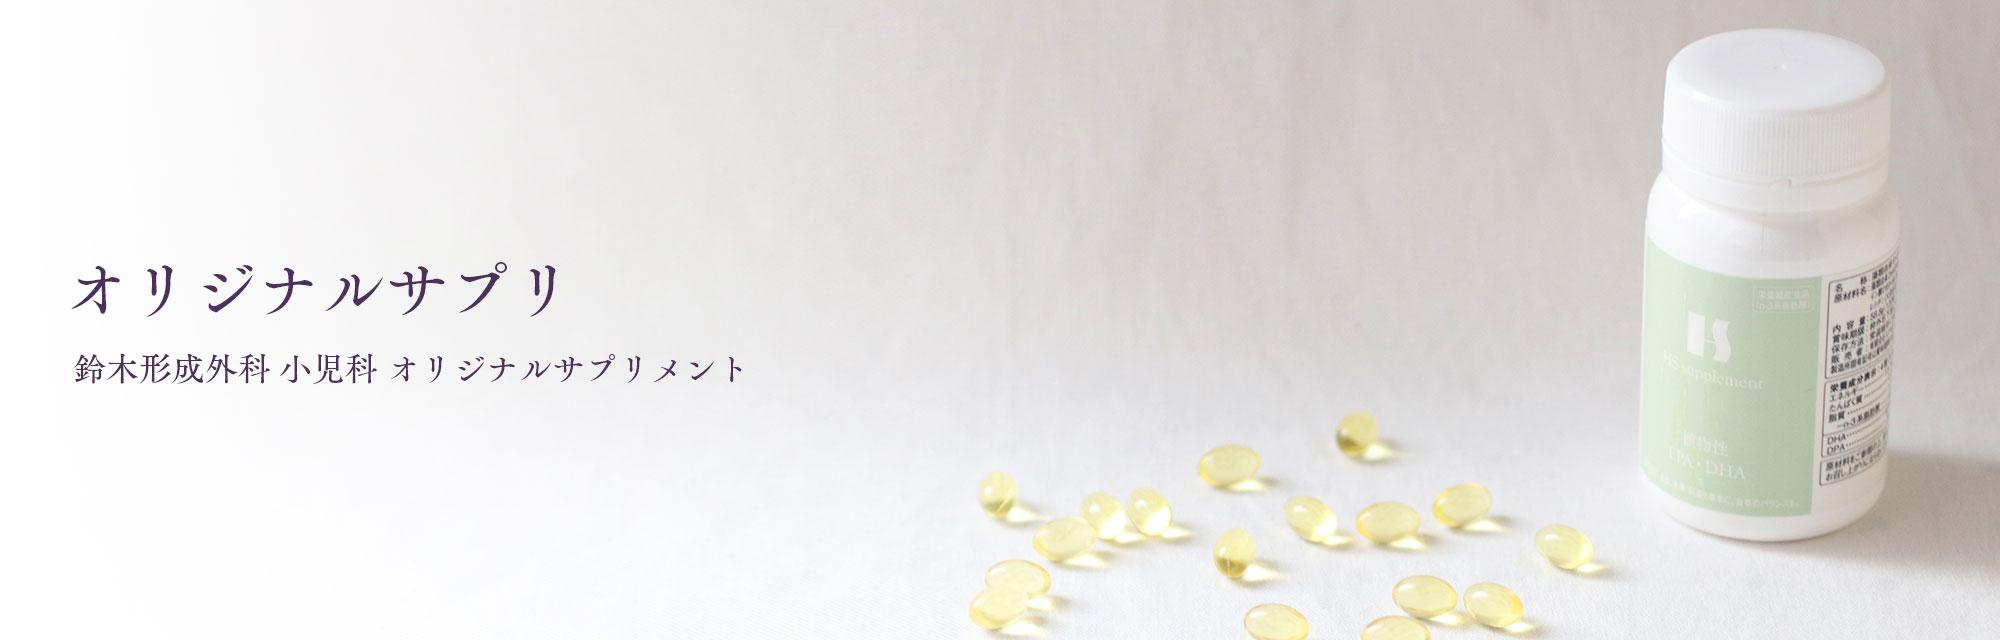 鈴木形成外科オリジナルサプリ